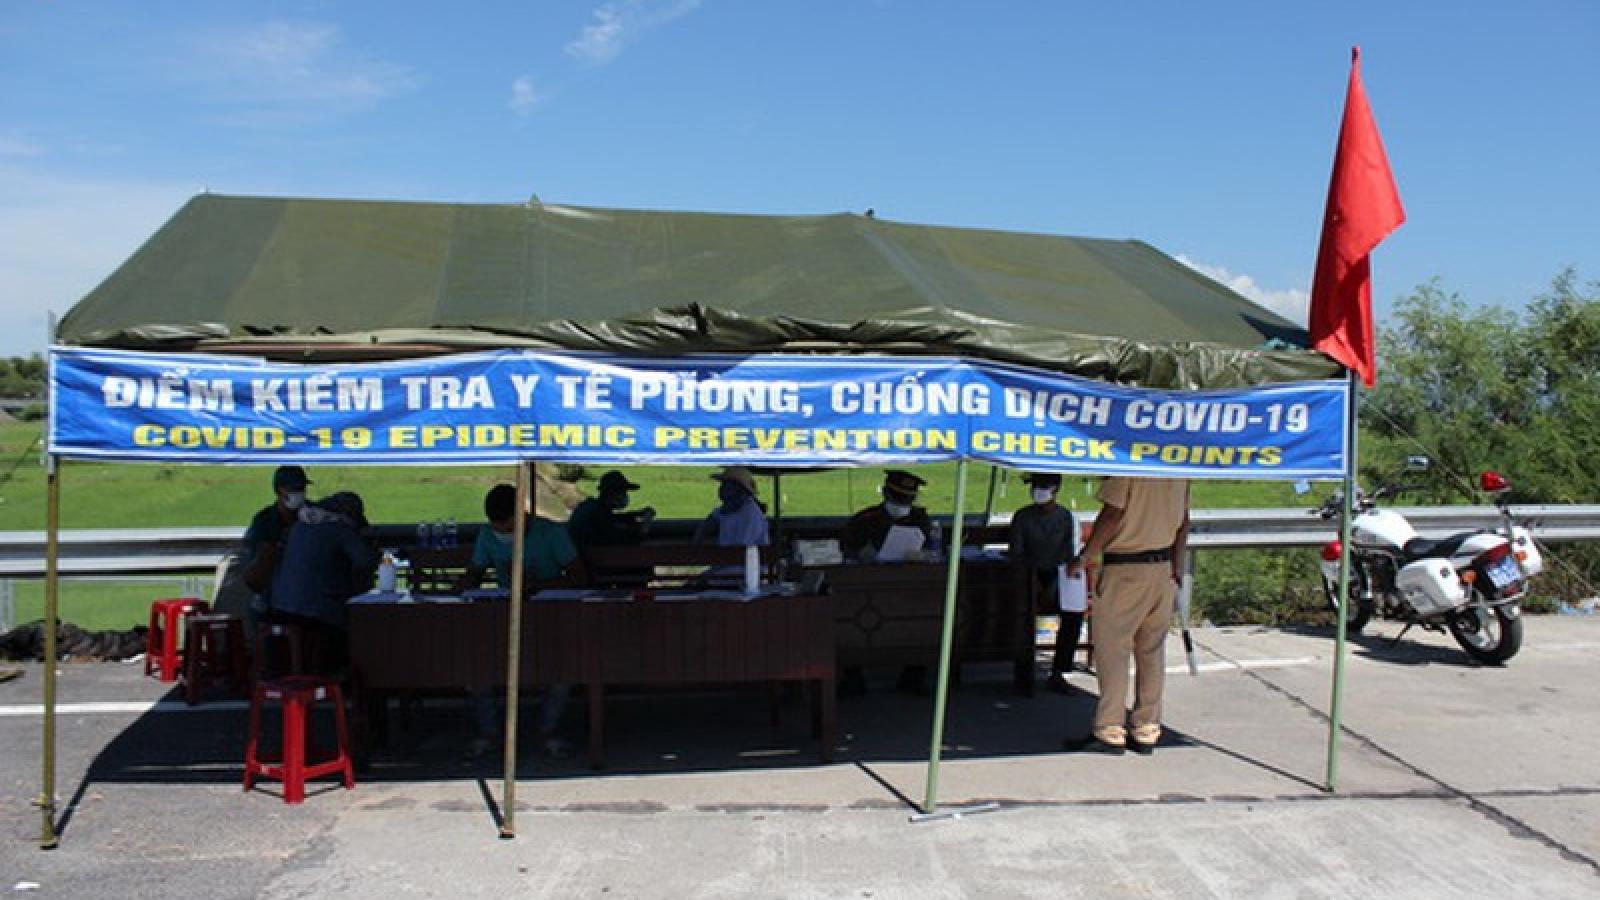 Khẩn trương truy vết các bệnh nhân mắc Covid-19 ở Quảng Nam